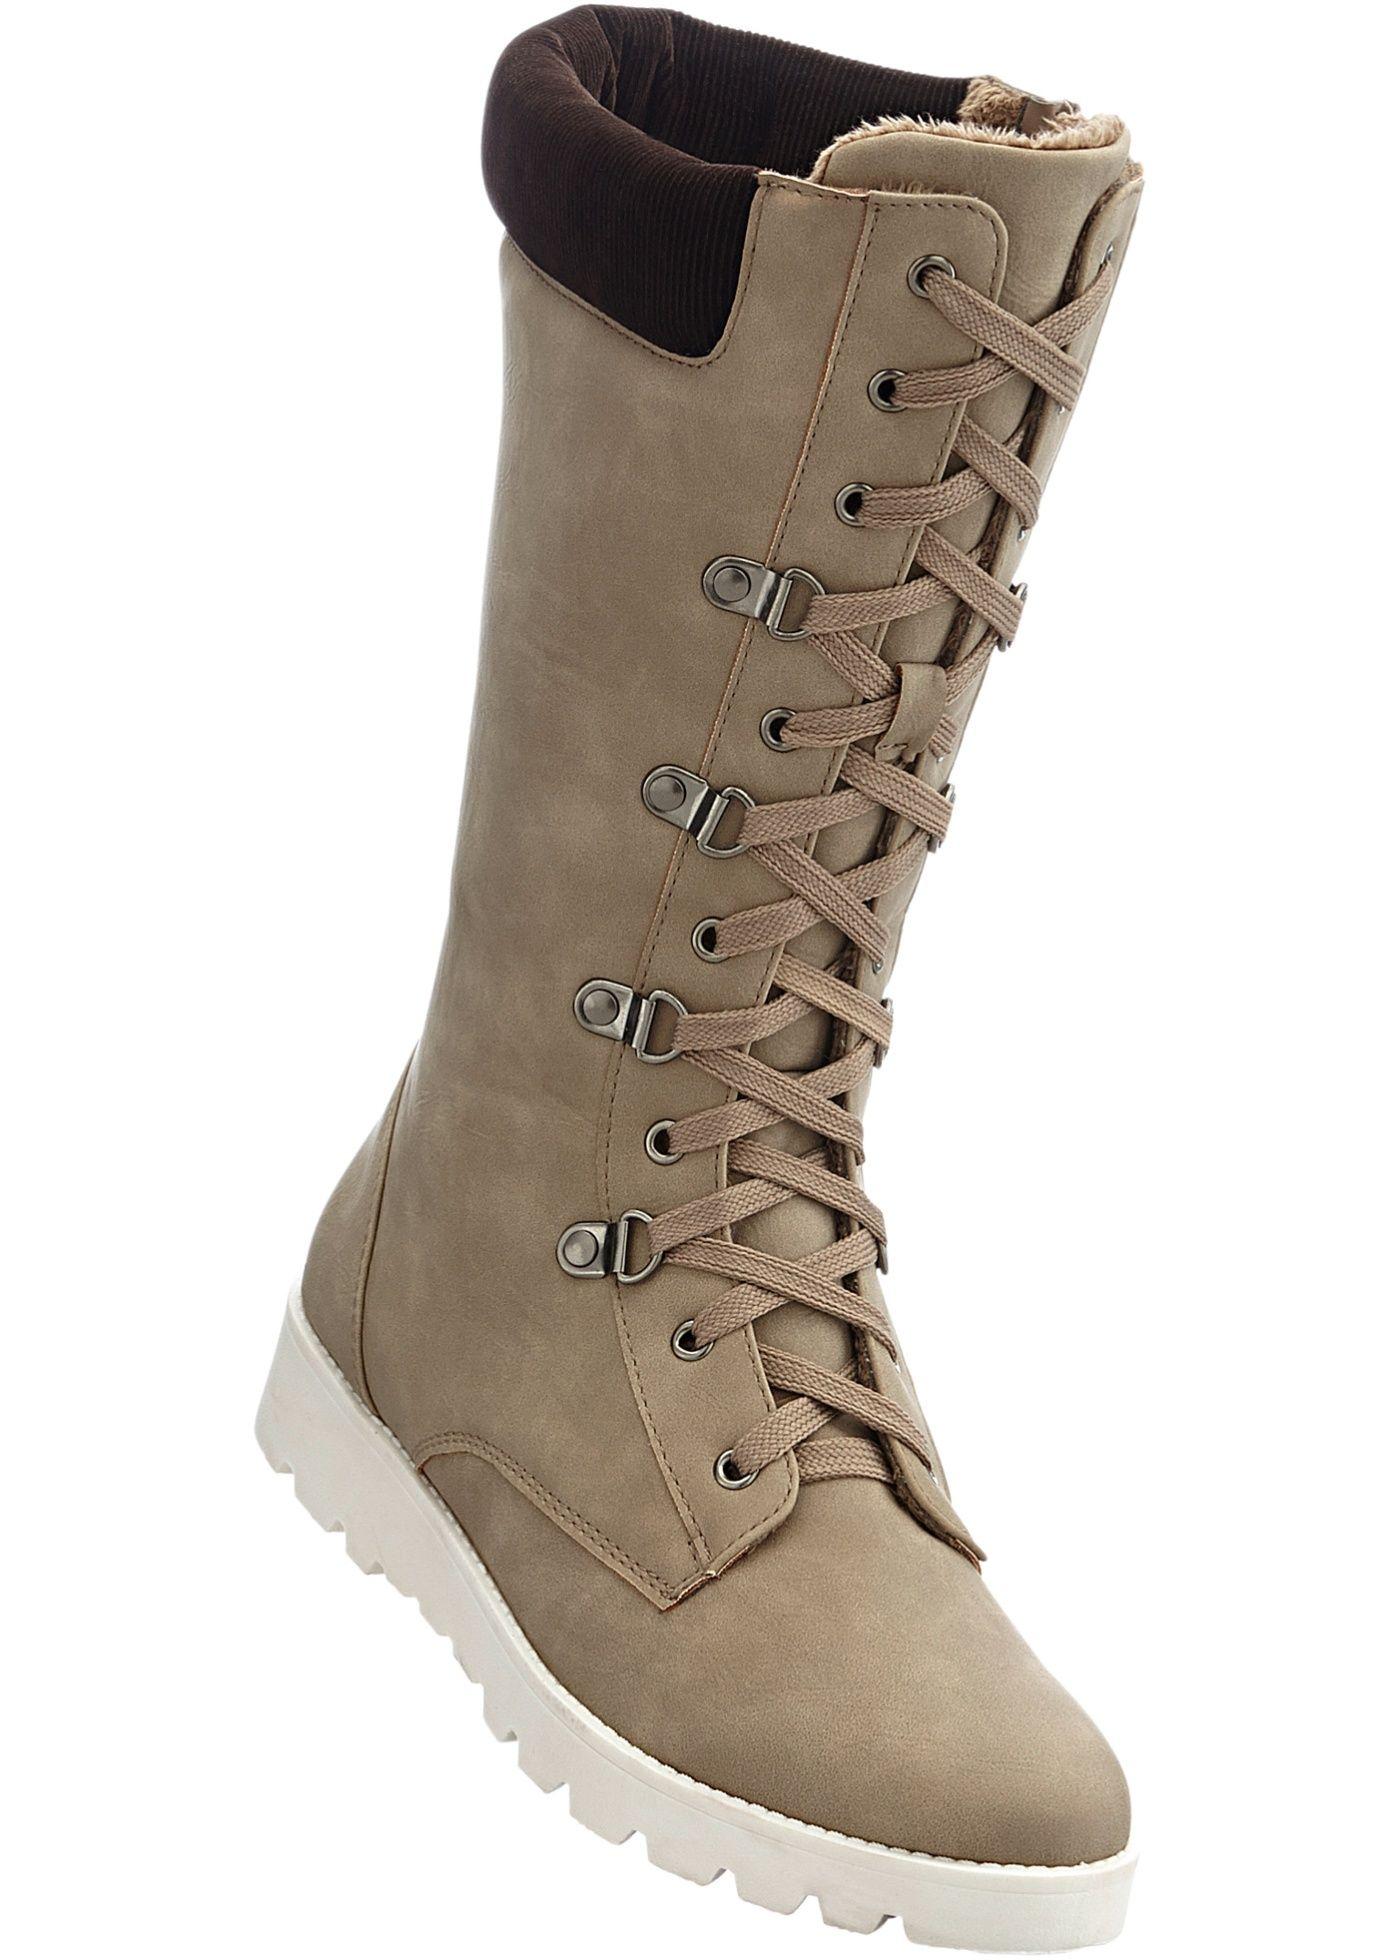 Ein praktischer Schuh für Wind und Wetter ist dieser